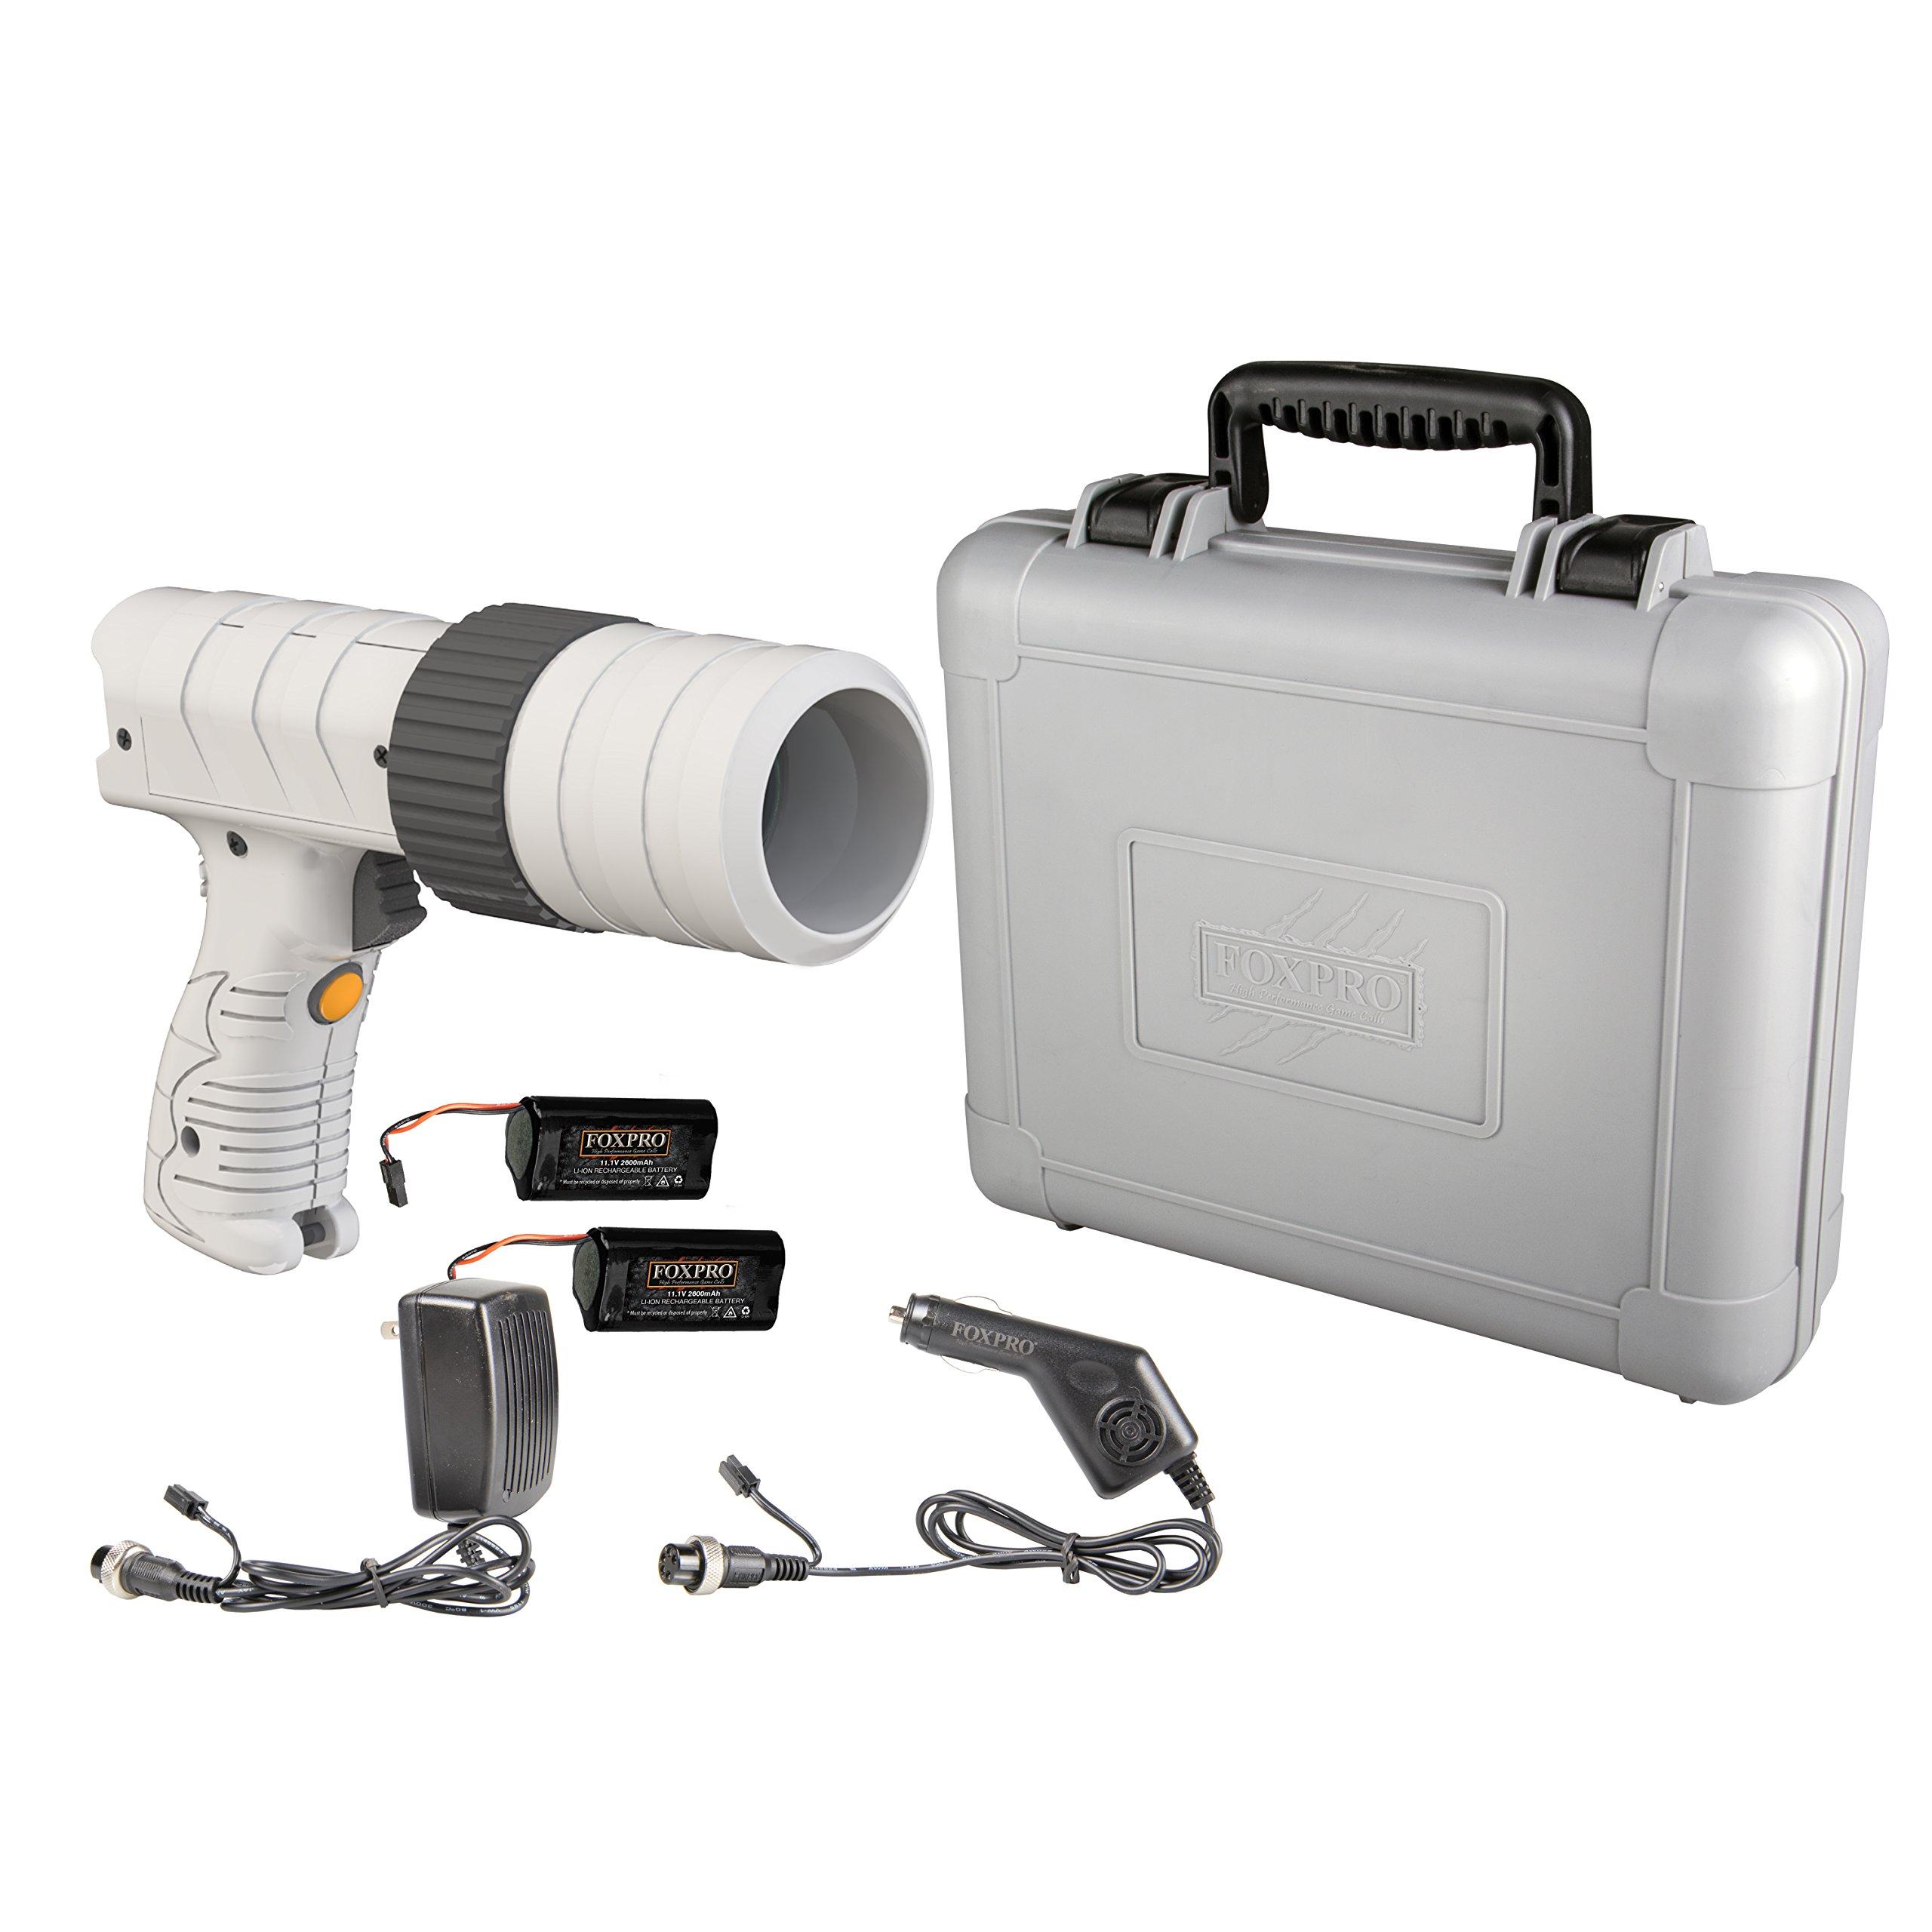 FOXPRO FIRE EYE KIT Fire Eye Scan Light Kit